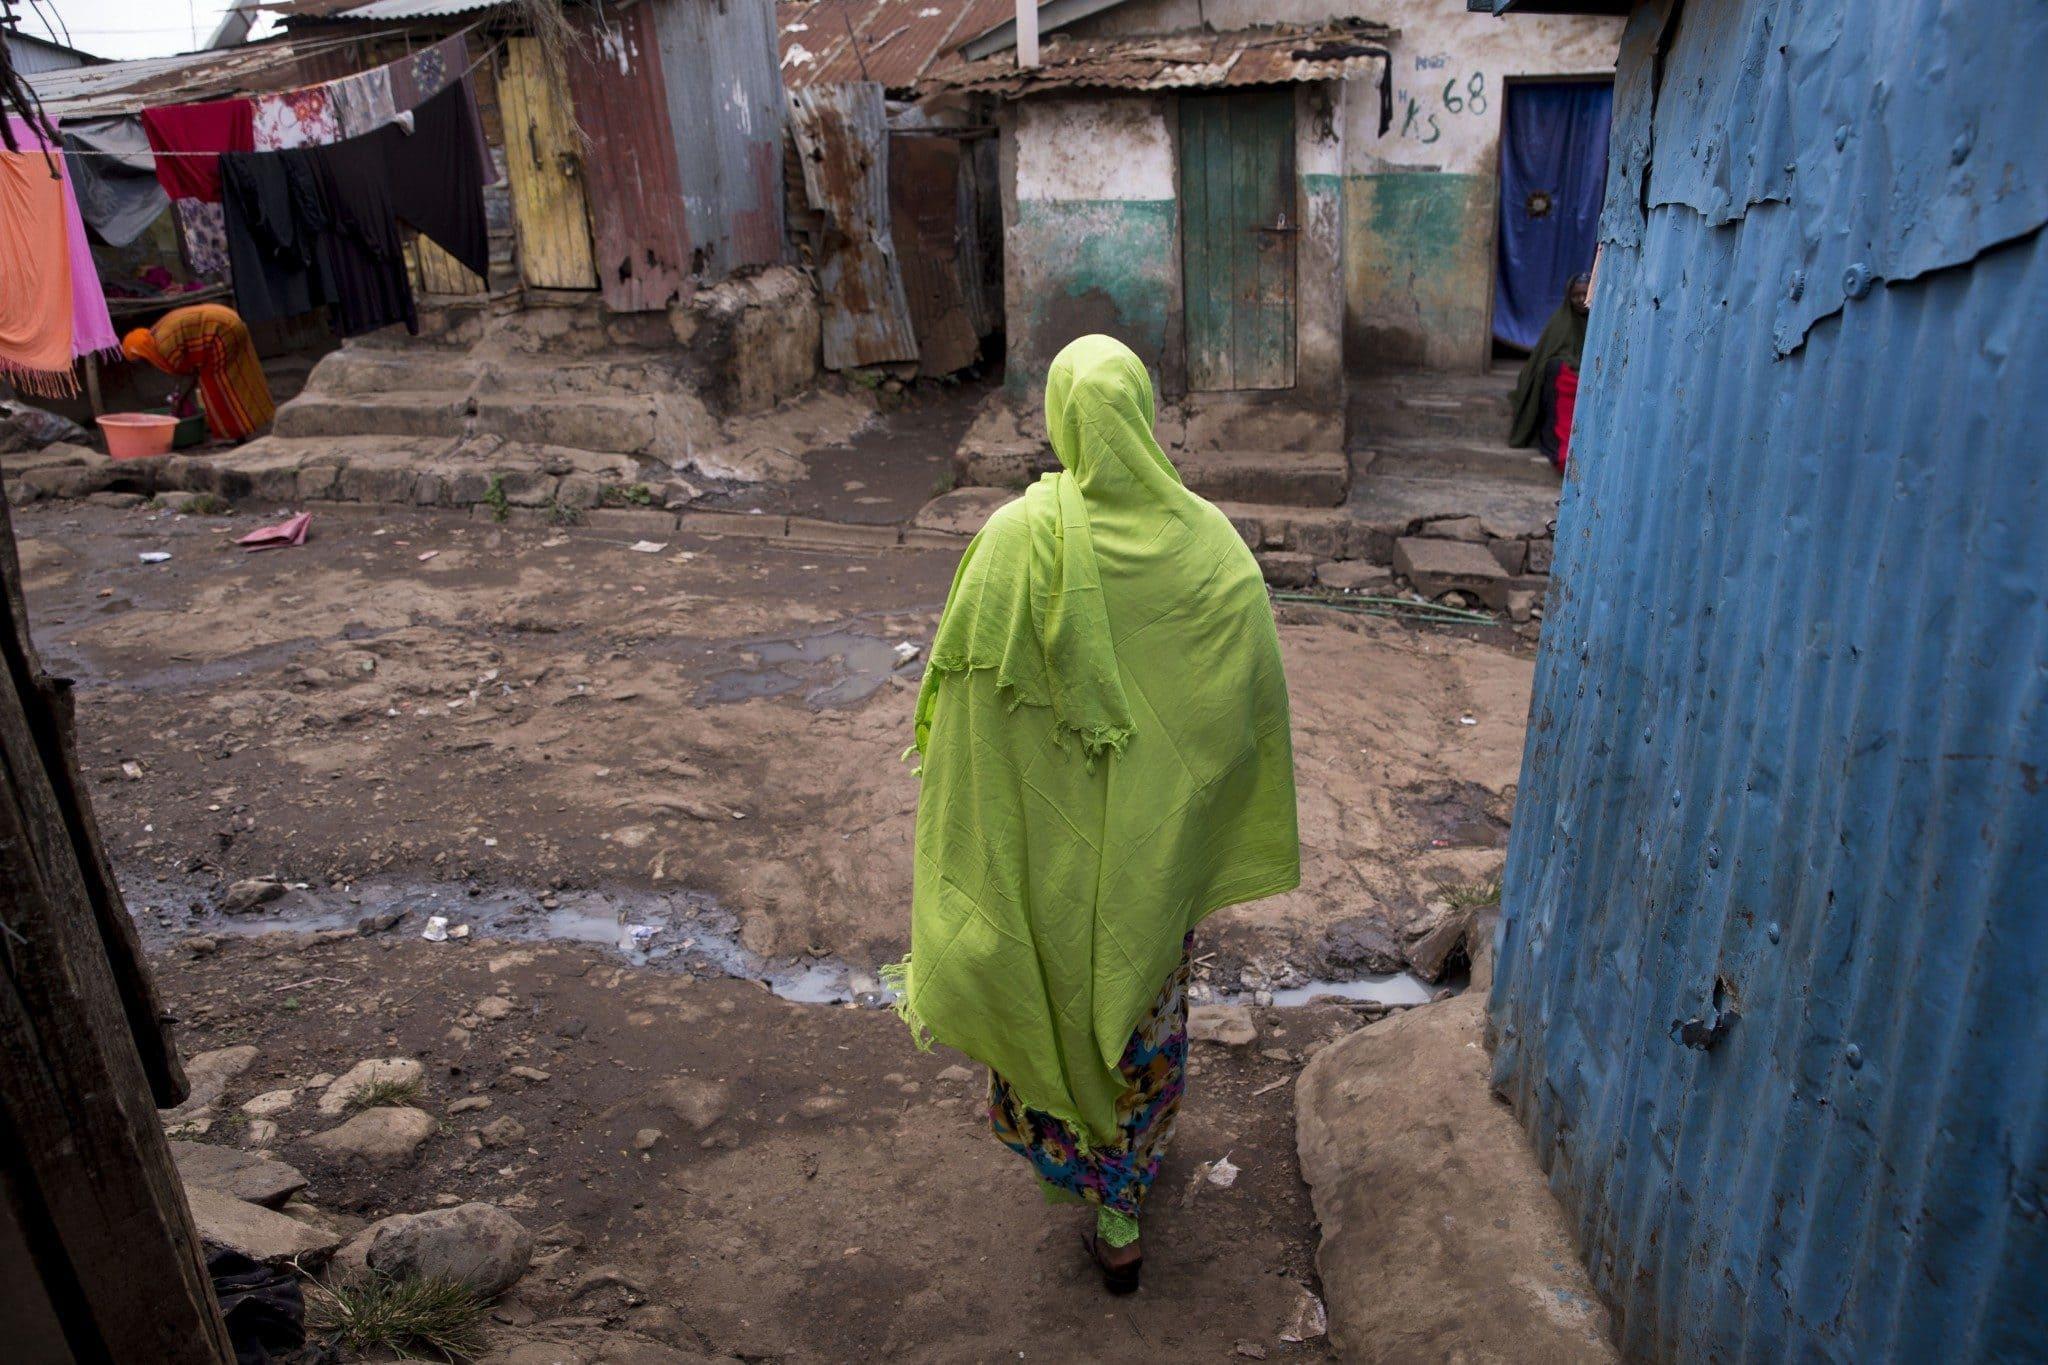 Rund 200 Millionen Mädchen und junge Frauen sind genital verstümmelt